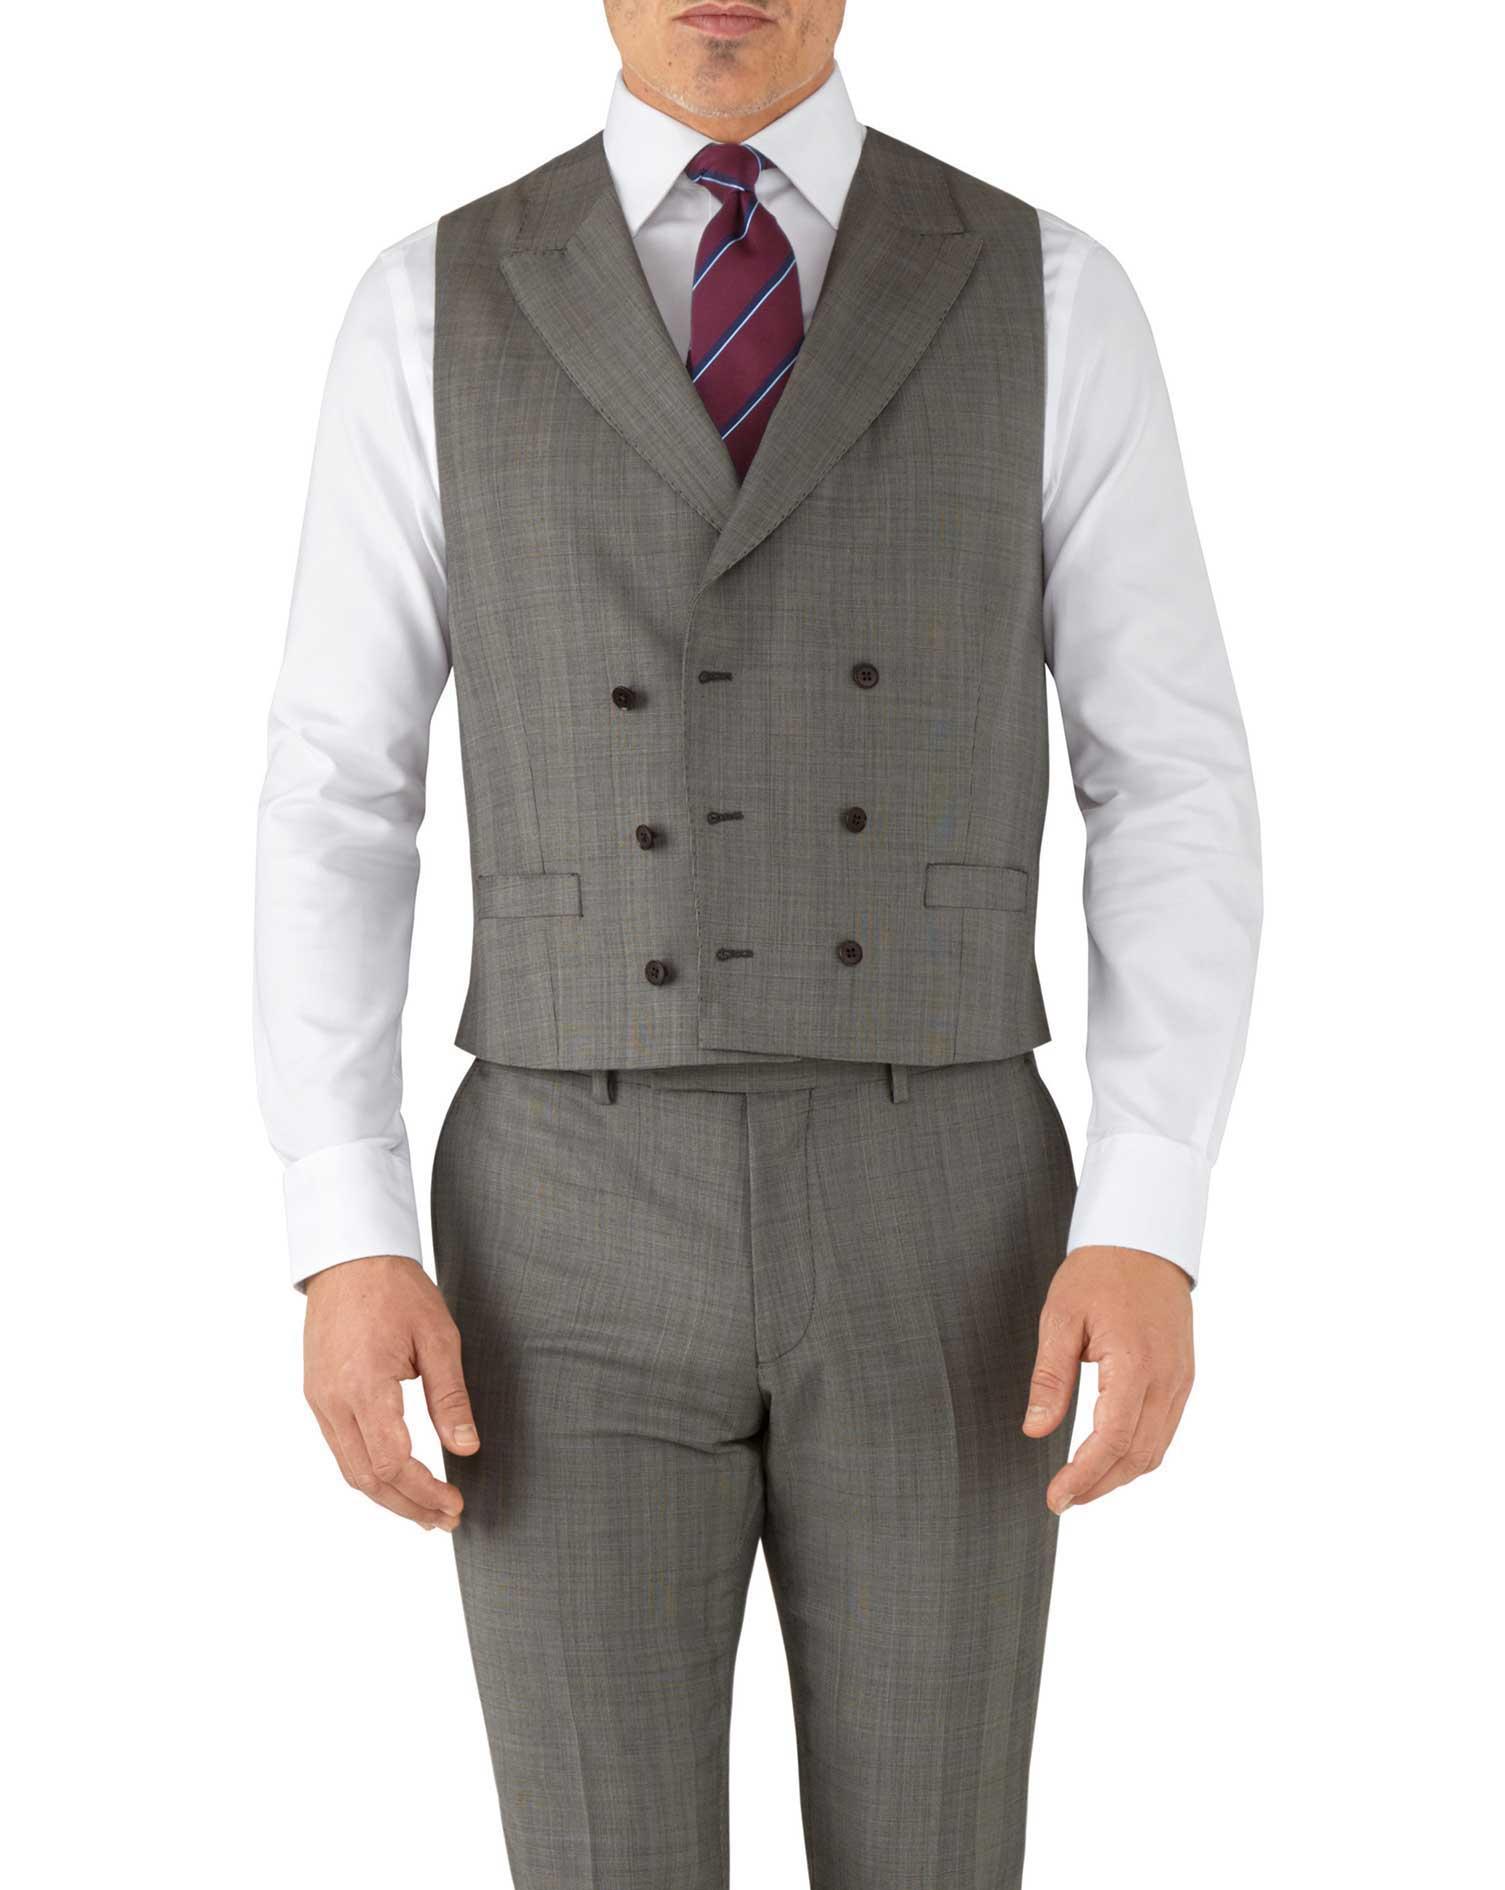 Silver Adjustable Fit Italian Luxury Suit Wool Waistcoat Size w38 by Charles Tyrwhitt